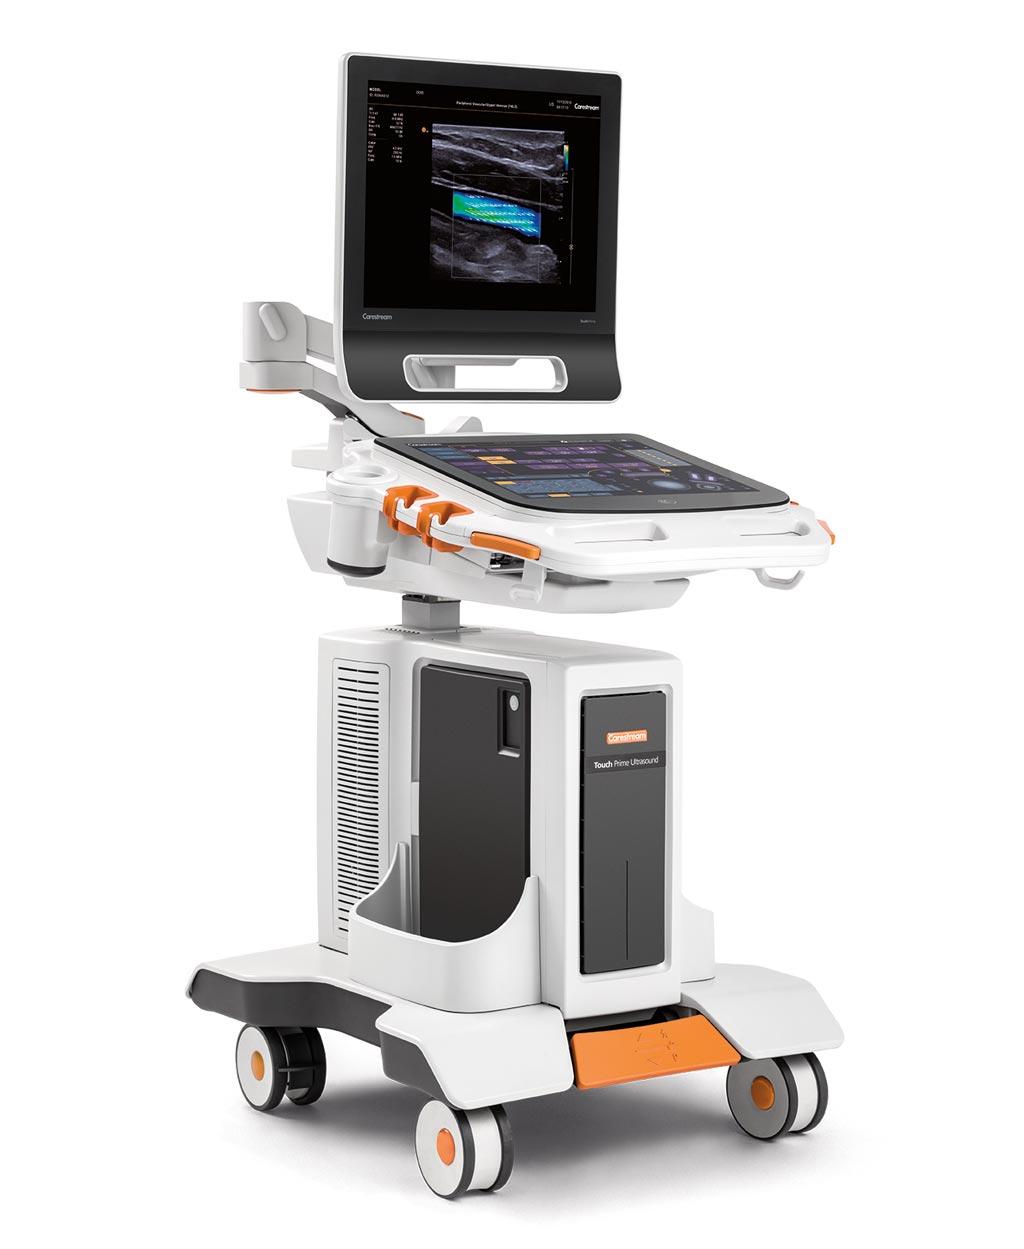 Imagen: El sistema de ultrasonido Touch Prime XE (Fotografía cortesía de Carestream Health).